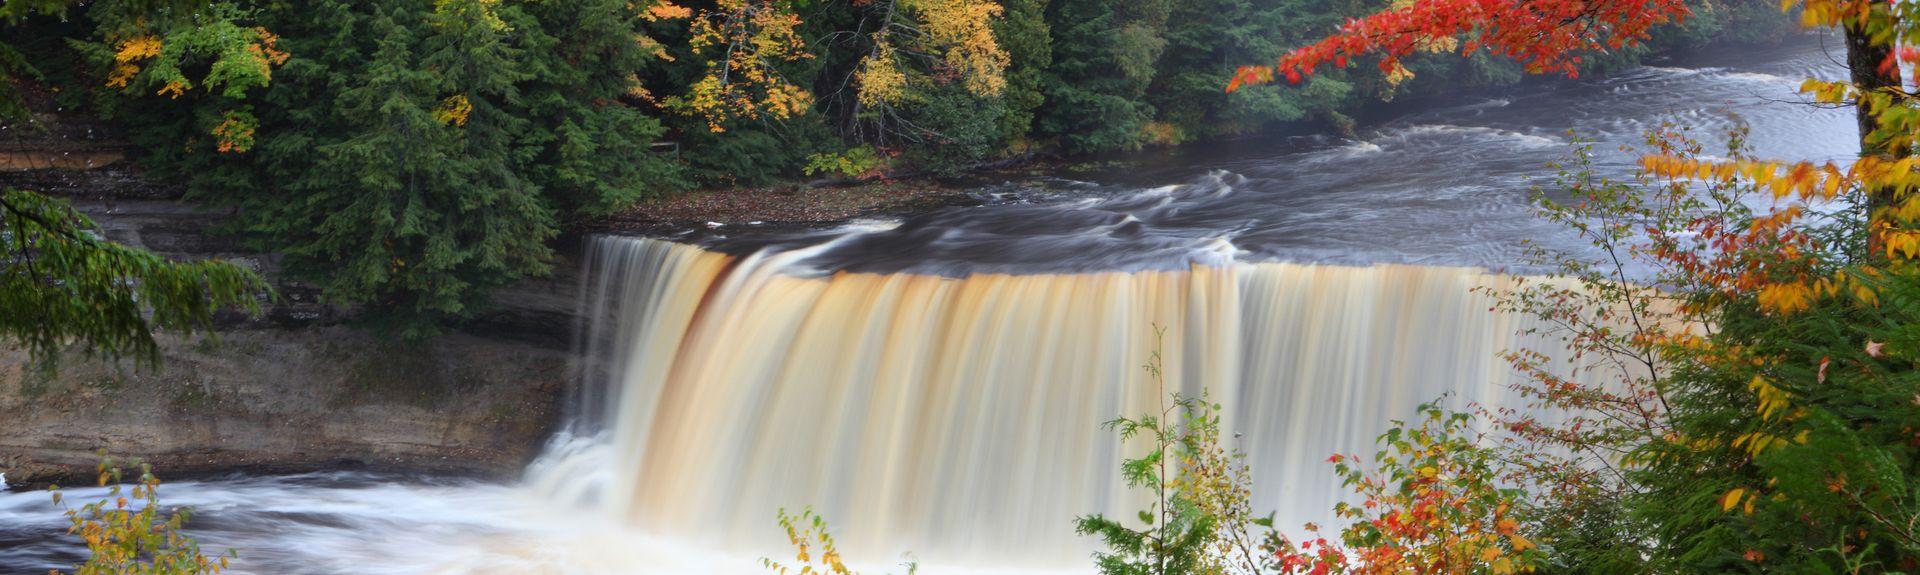 Vrbo Upper Peninsula Of Michigan Us Vacation Rentals